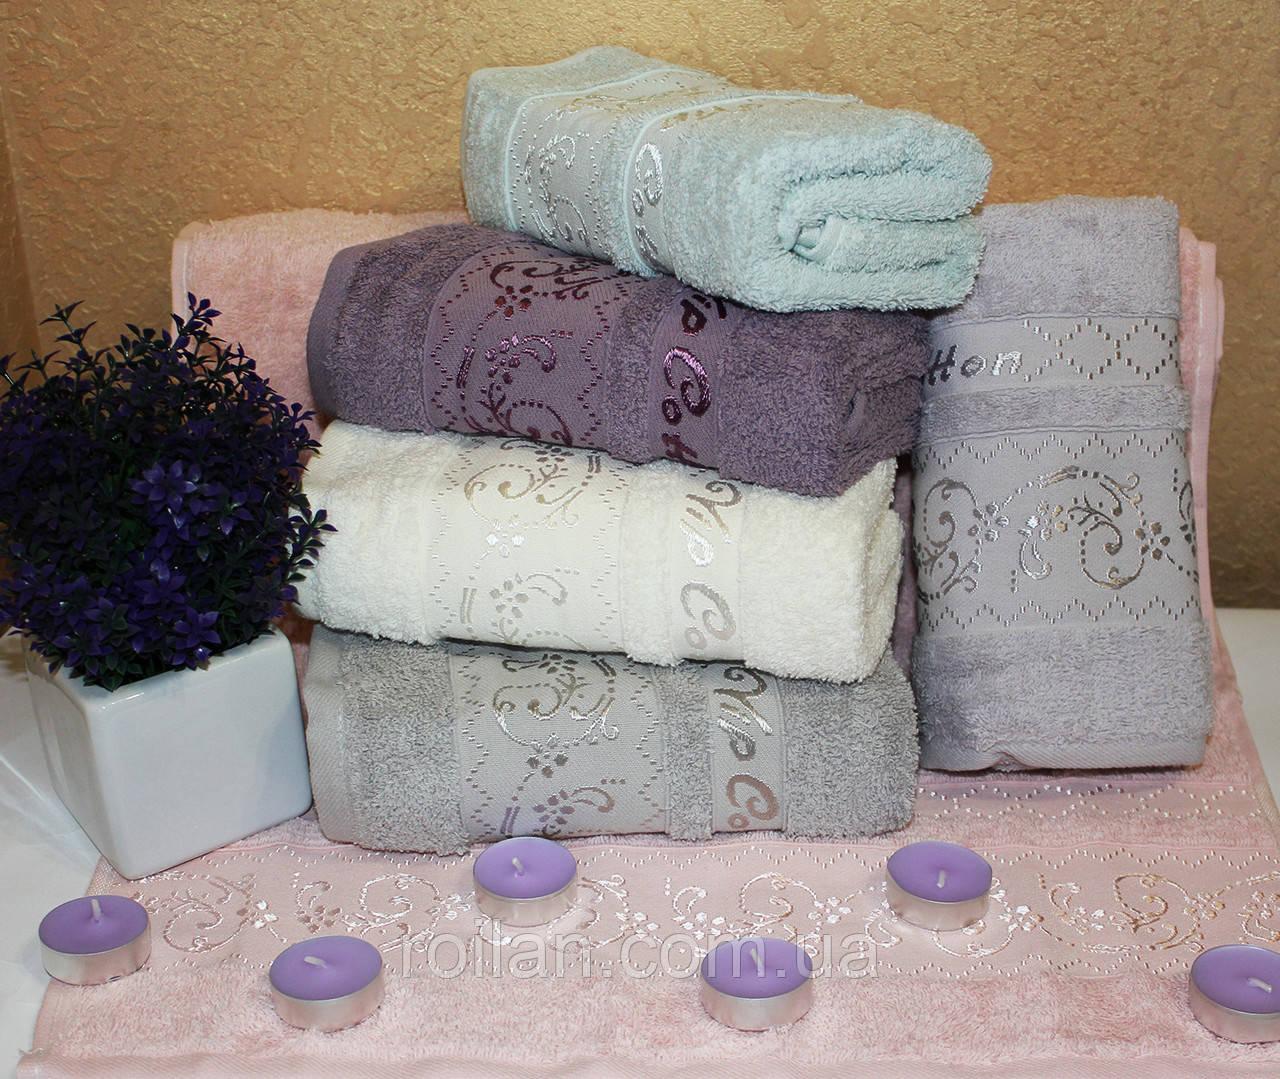 Метровые турецкие полотенца Завиточки Vip Cotton